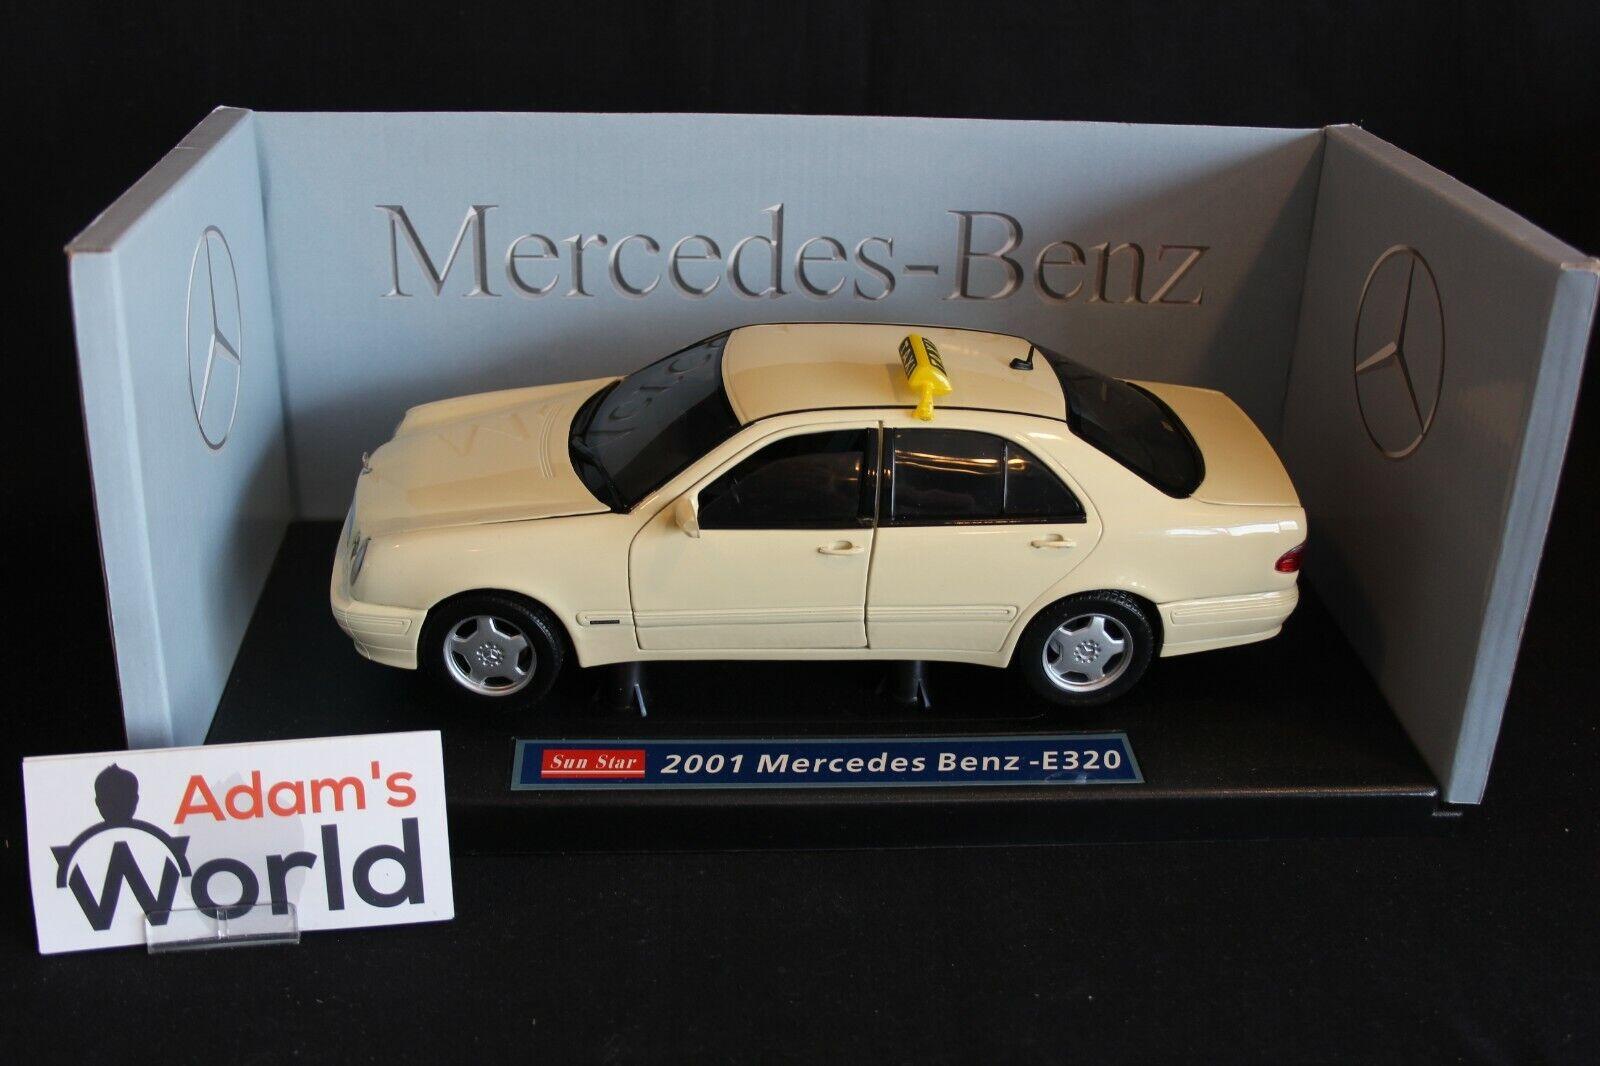 Sun Estrella Mercedes-Benz E320 1 18 Taxi New York, amarillo (JMR)